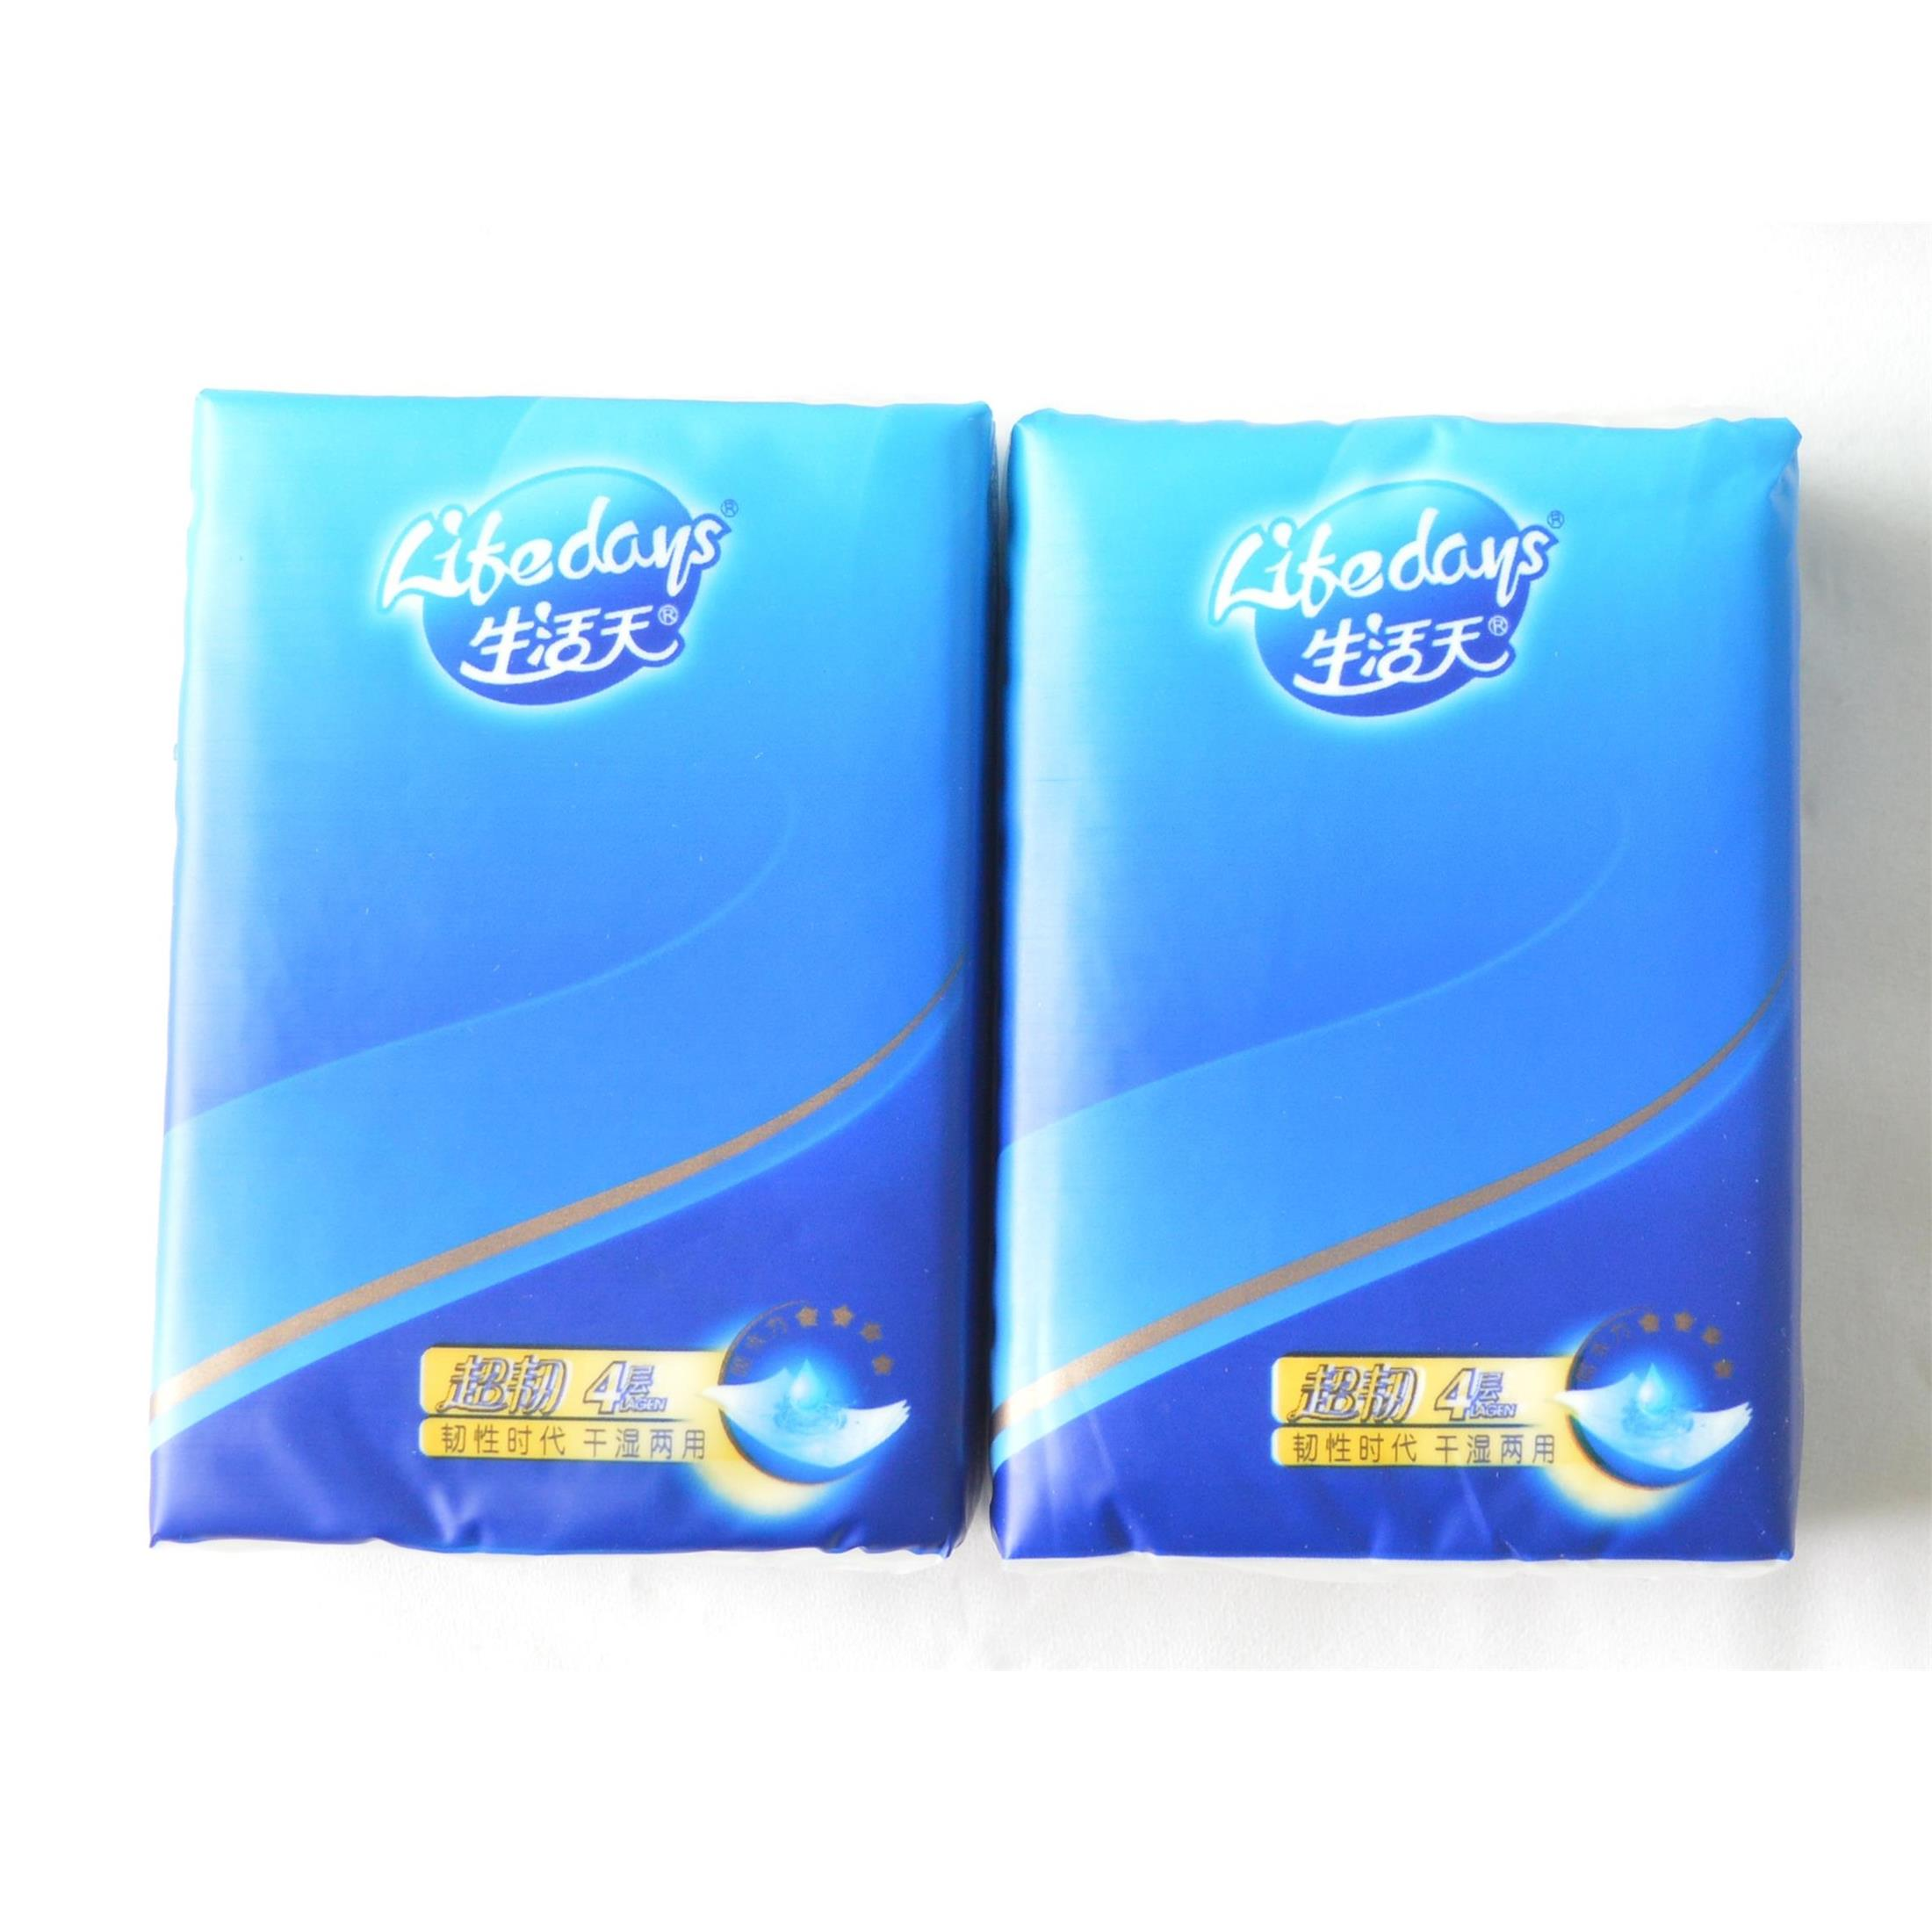 生活天BT305四層8張迷你干濕兩用紙手帕(10包)